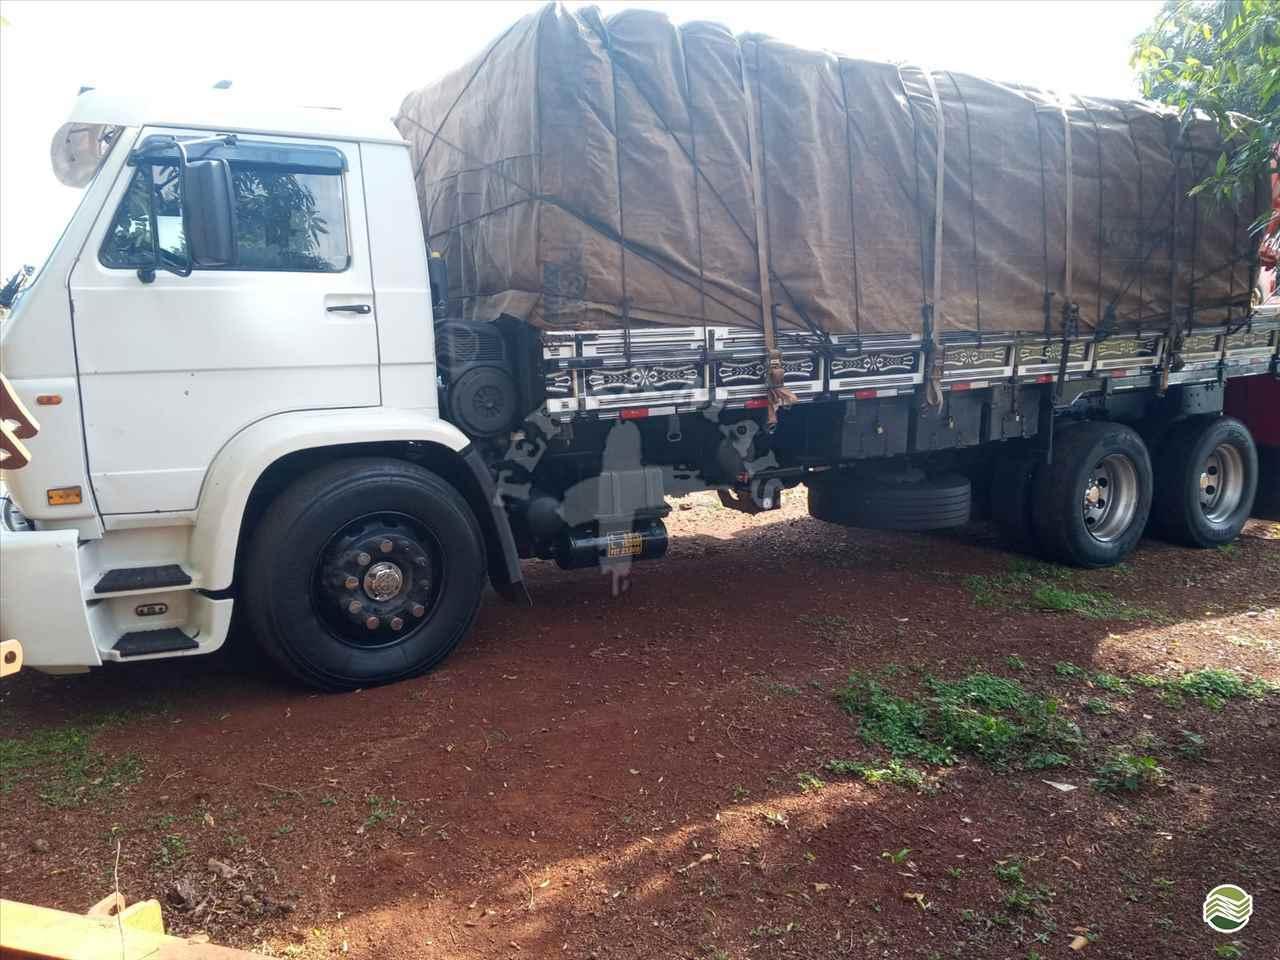 CAMINHAO VOLKSWAGEN VW 17250 Carga Seca Toco 4x2 Terra Mais Implementos Agrícolas TOLEDO PARANÁ PR